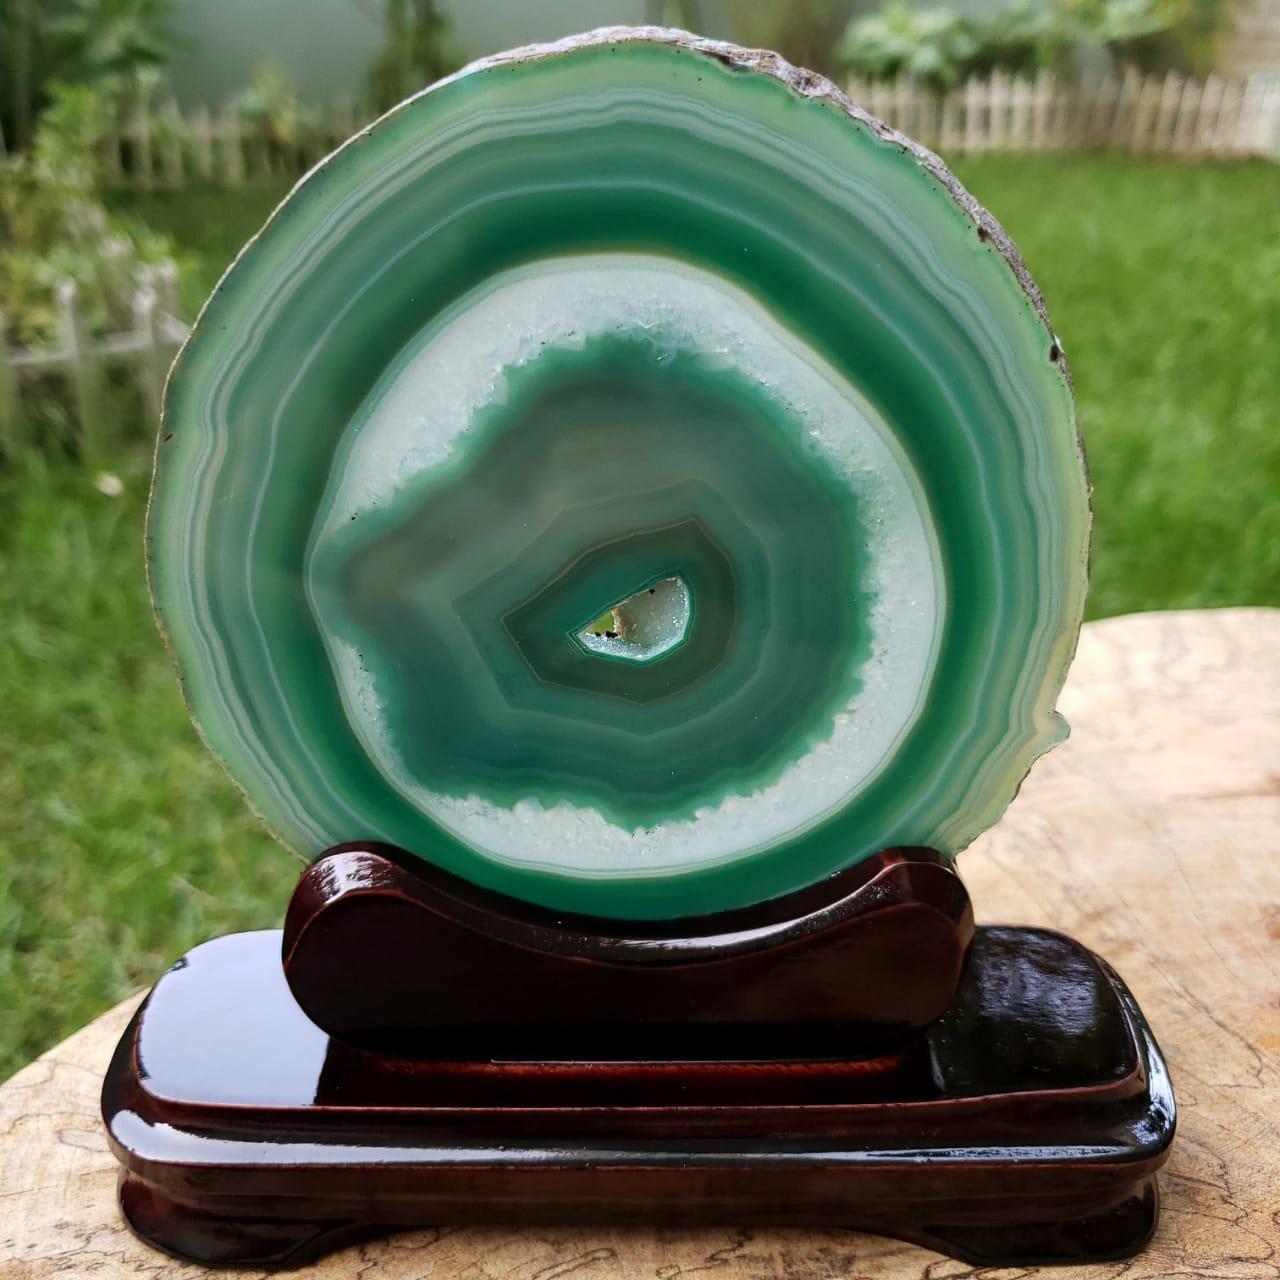 Cristal - Chapa - Placa de Ágata Verde - Com Suporte